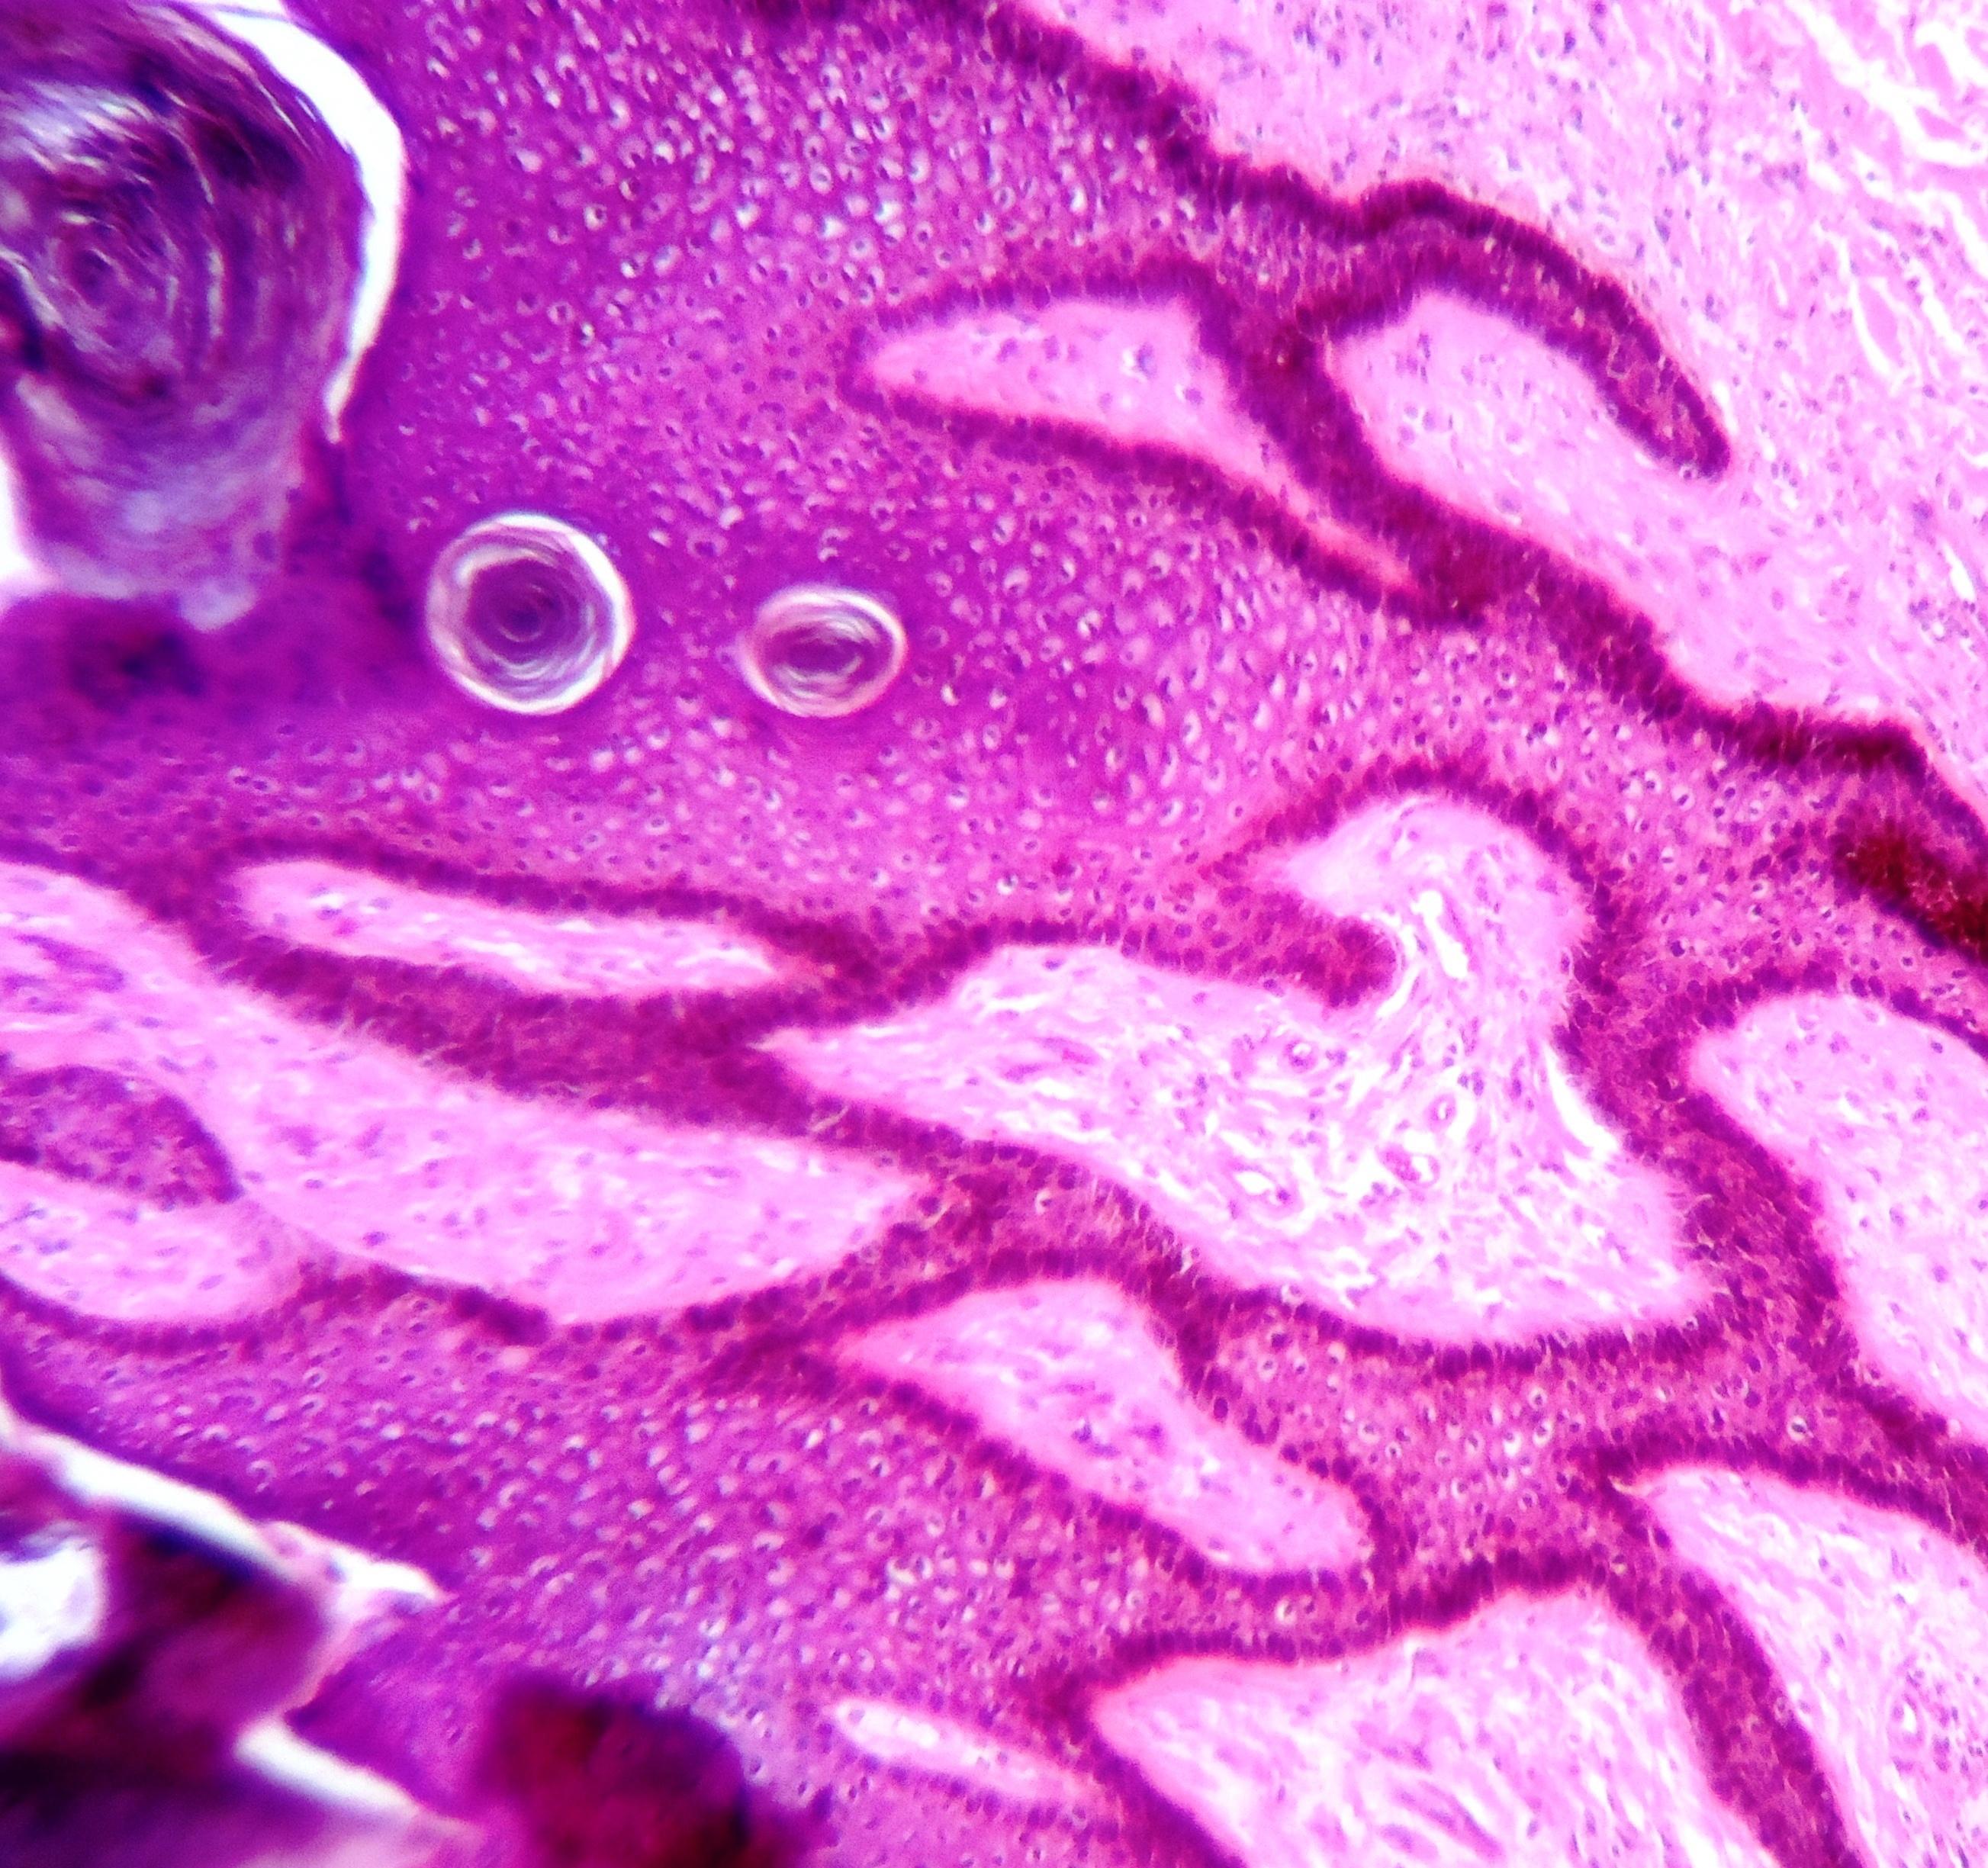 condylomata acuminata más néven szemölcs herpesz vírus